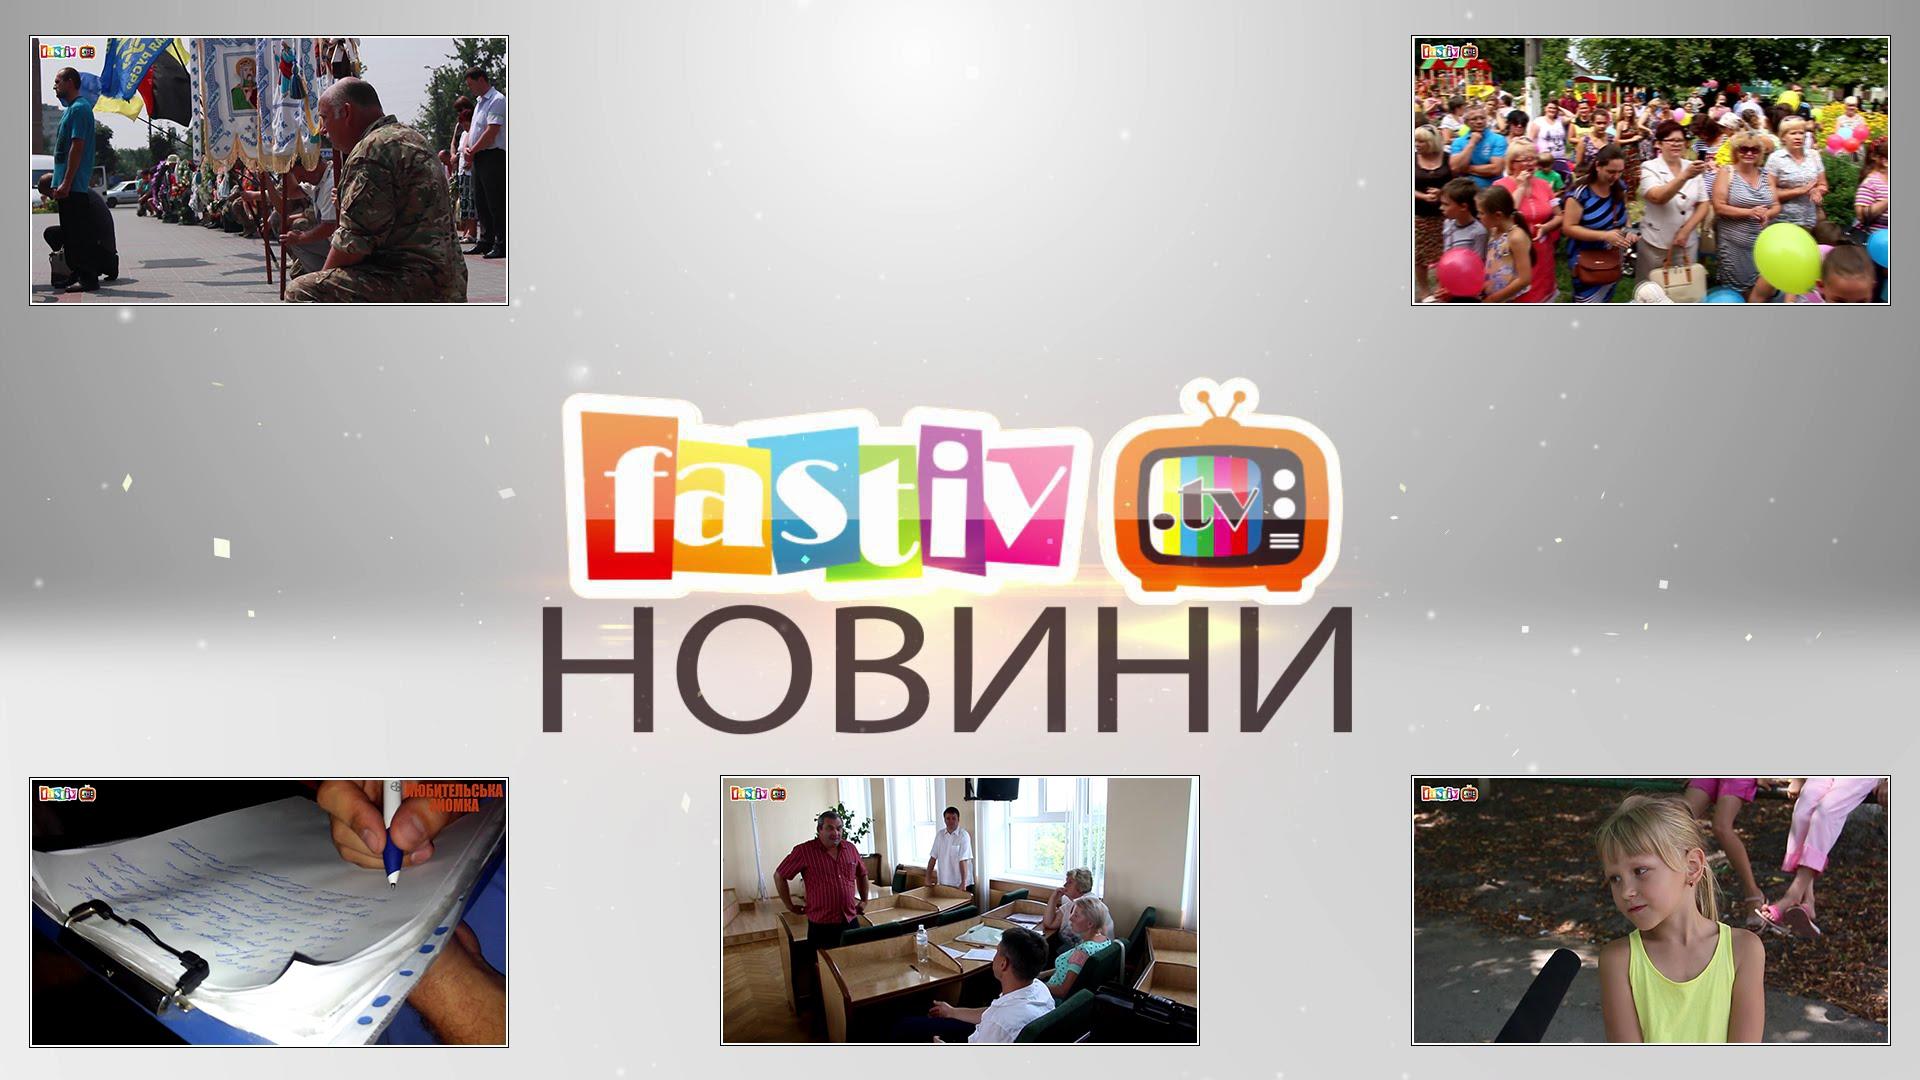 Тижневі підсумки новин від FASTIV.TV 31.07.2016